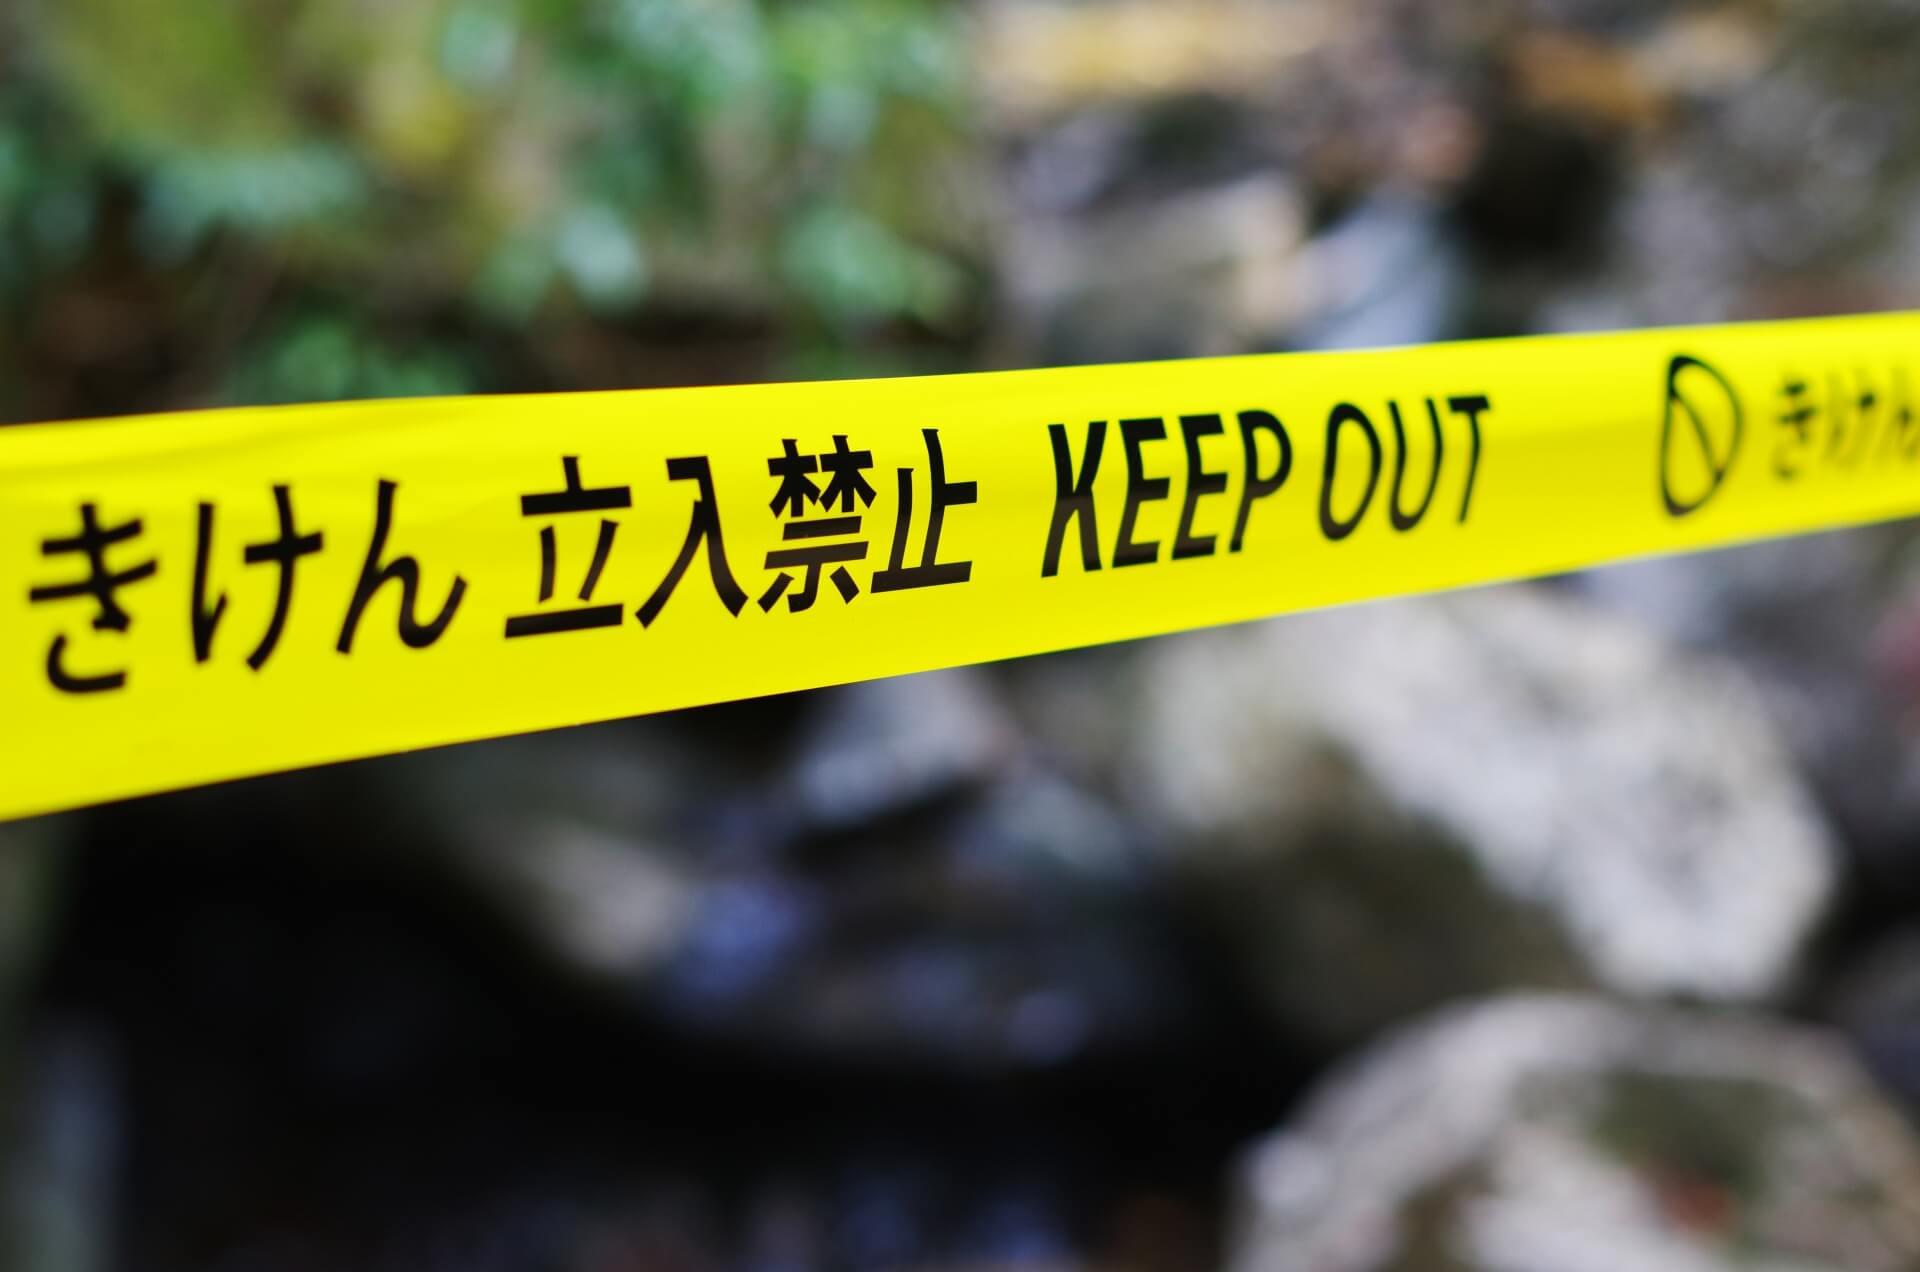 【MIU404】2話あらすじネタバレ感想!殺人犯は松下洸平?それとも!?